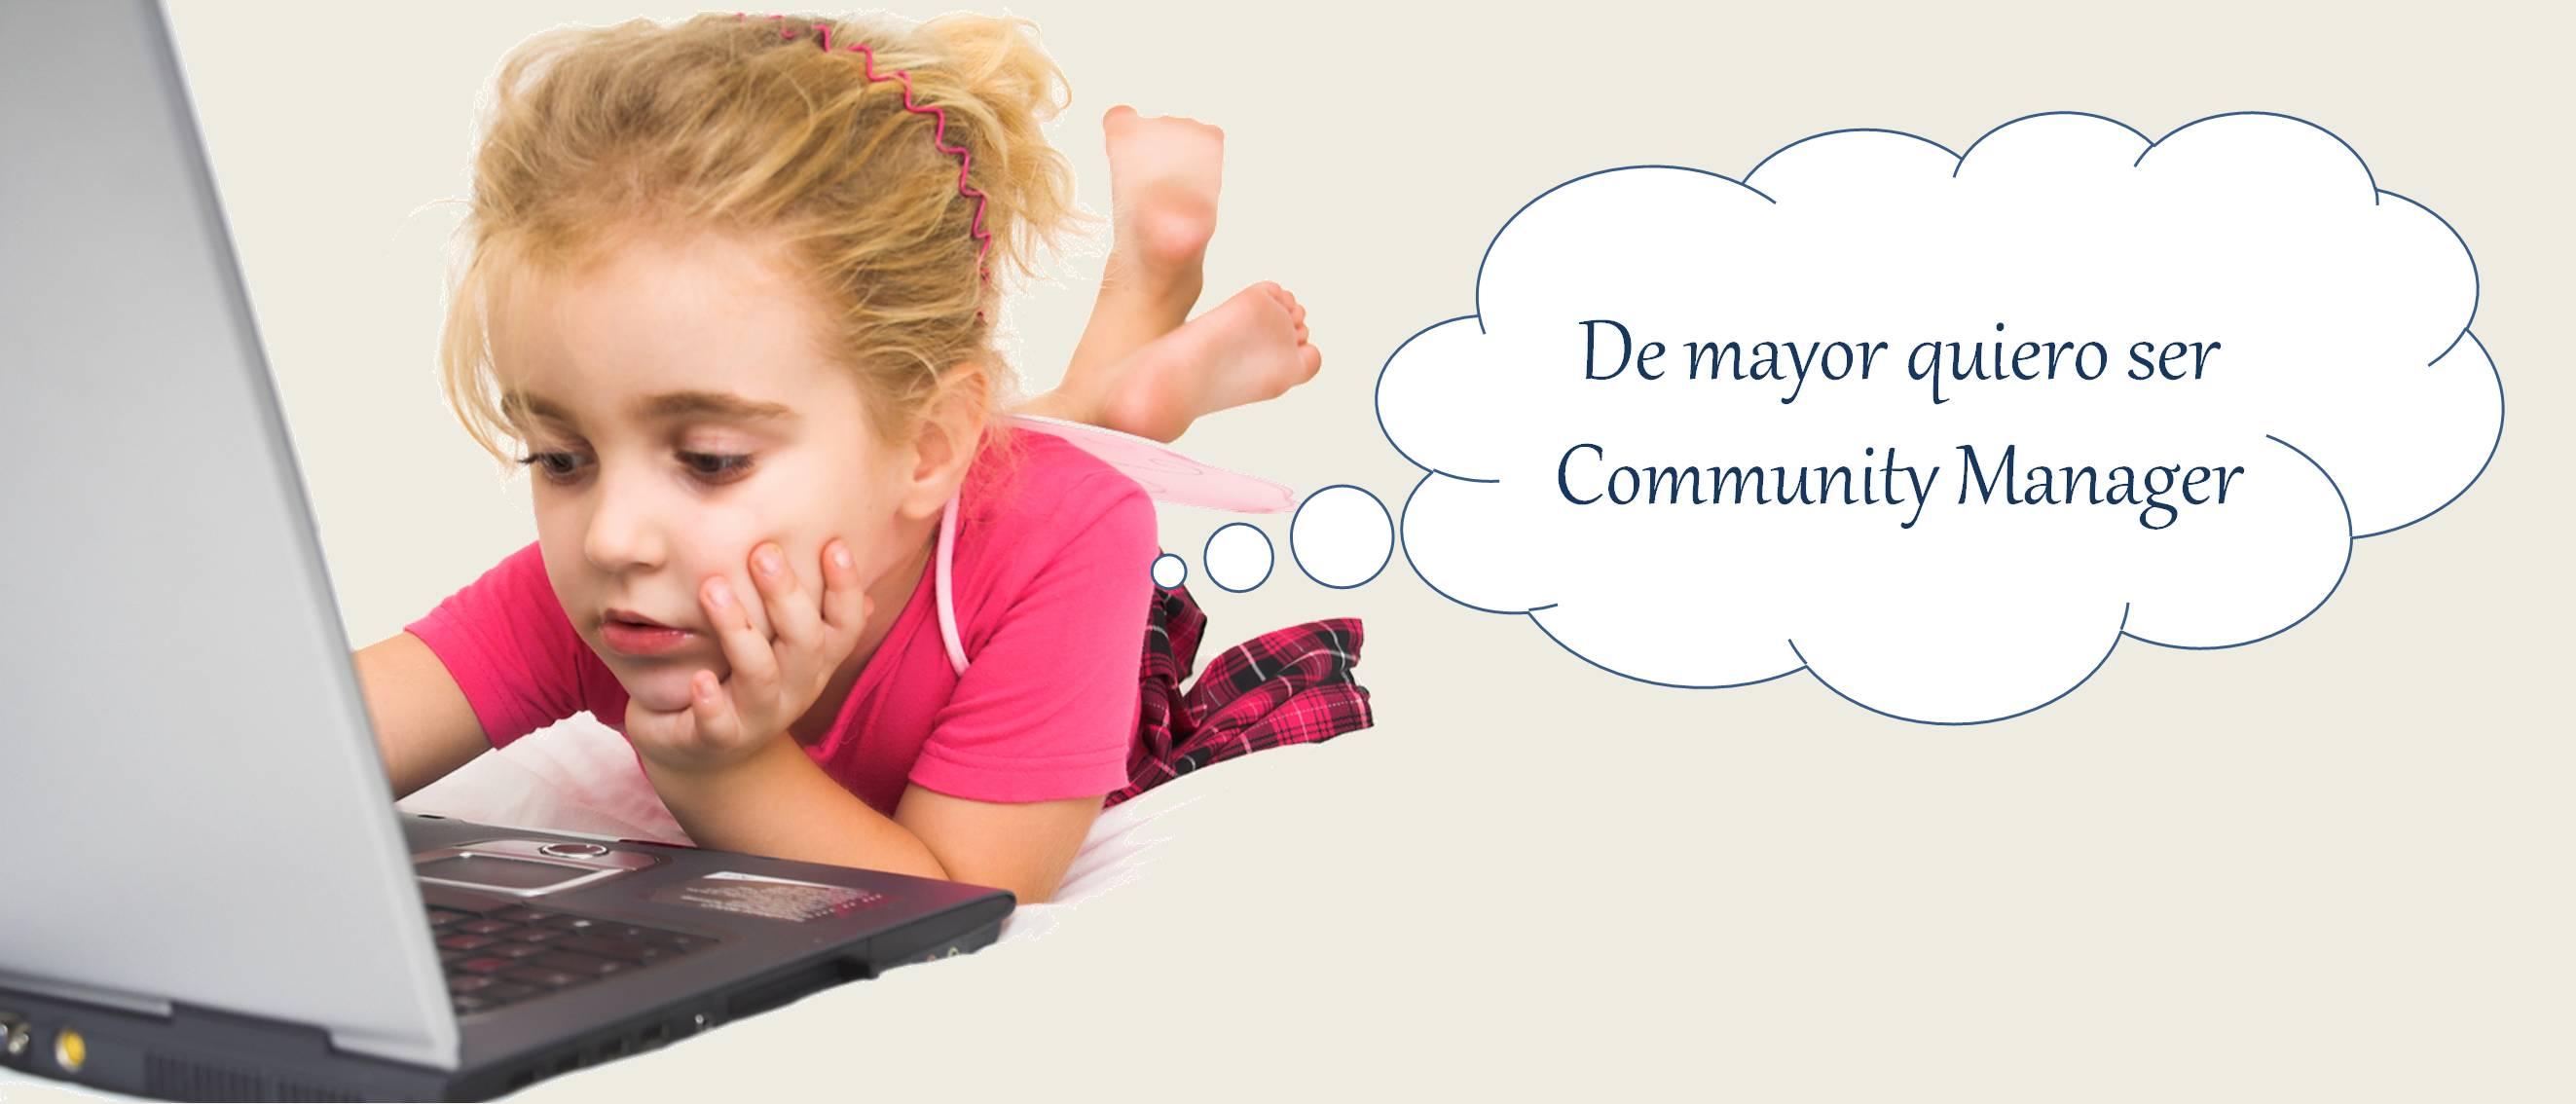 Resumen del libro: ¿Qué hace un Community Manager?